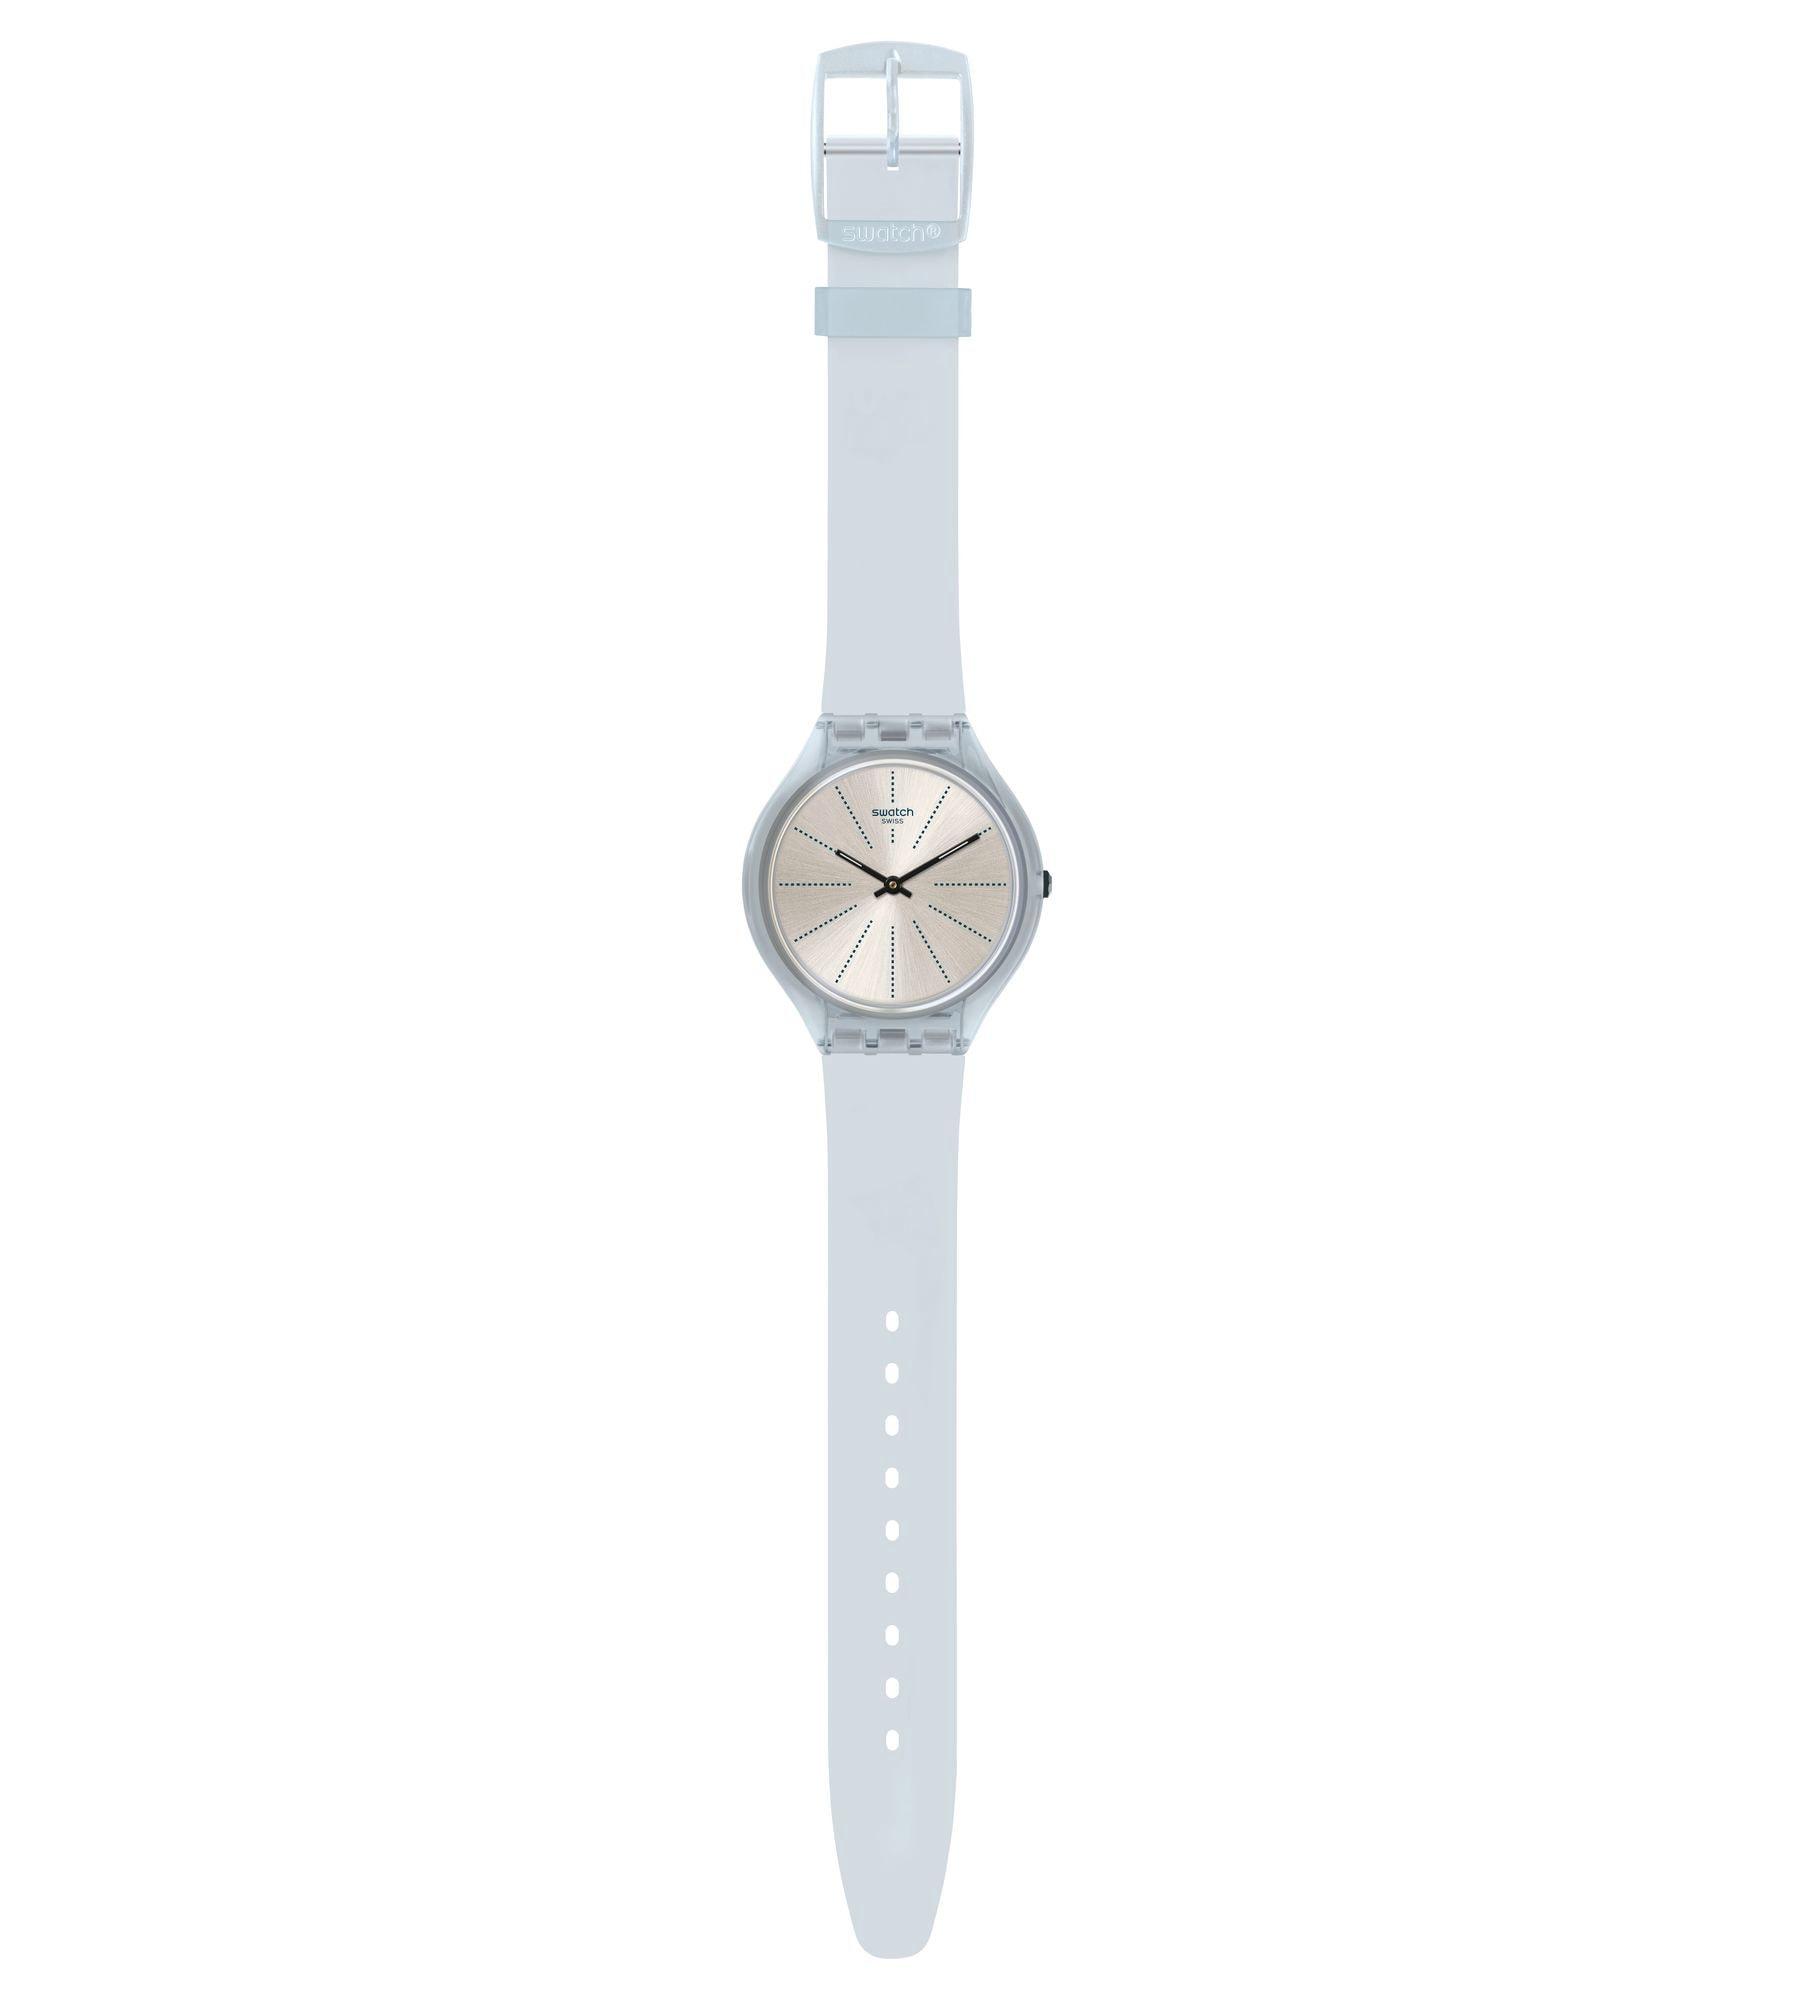 Cambio Gratis Pila Swatch De Relojes Es El vnwmN80